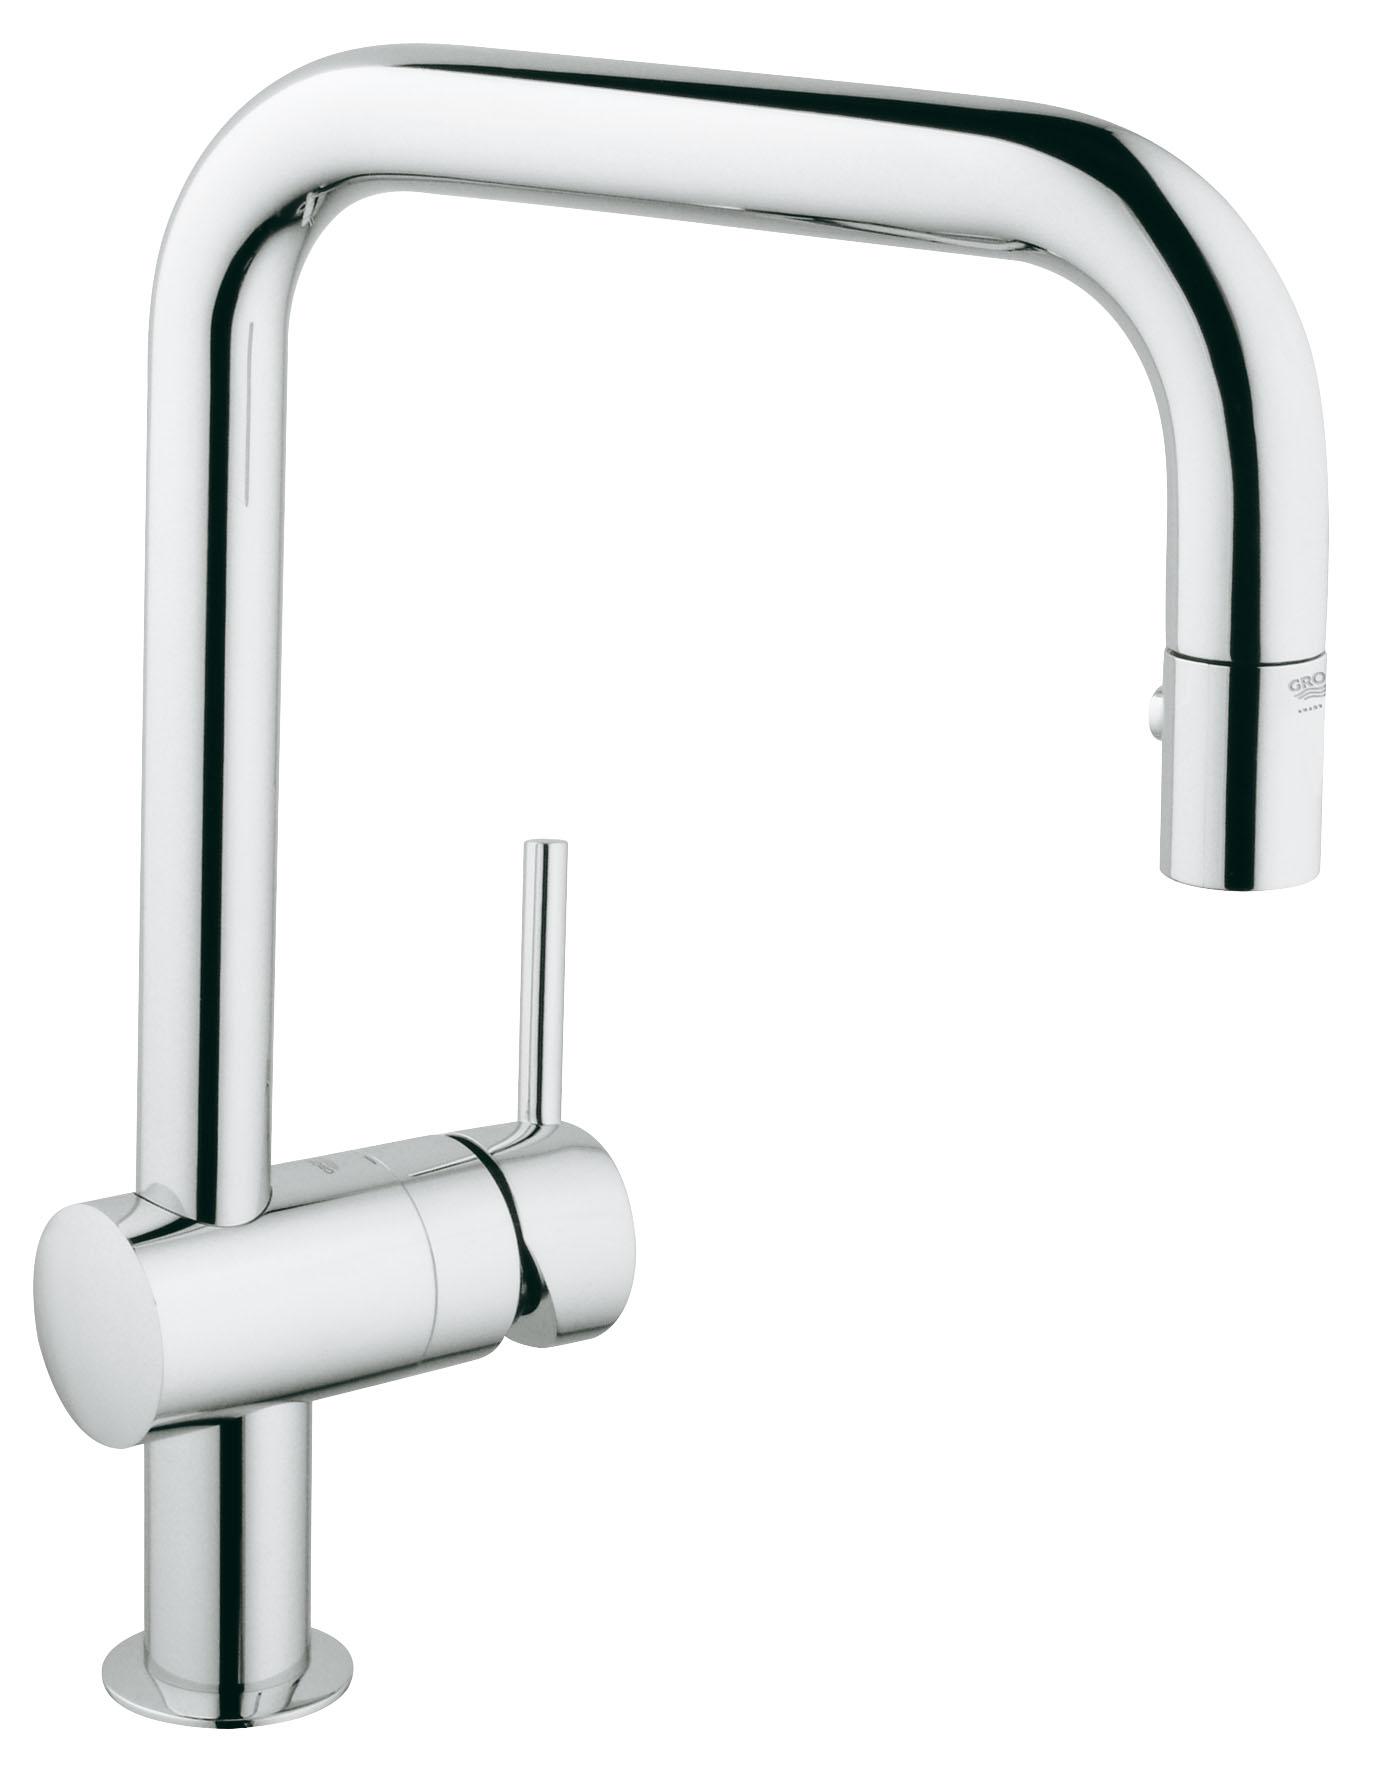 Смеситель для кухни с душем Grohe Minta 32322000 смеситель для кухни smartsant classic new r излив sm180007aa